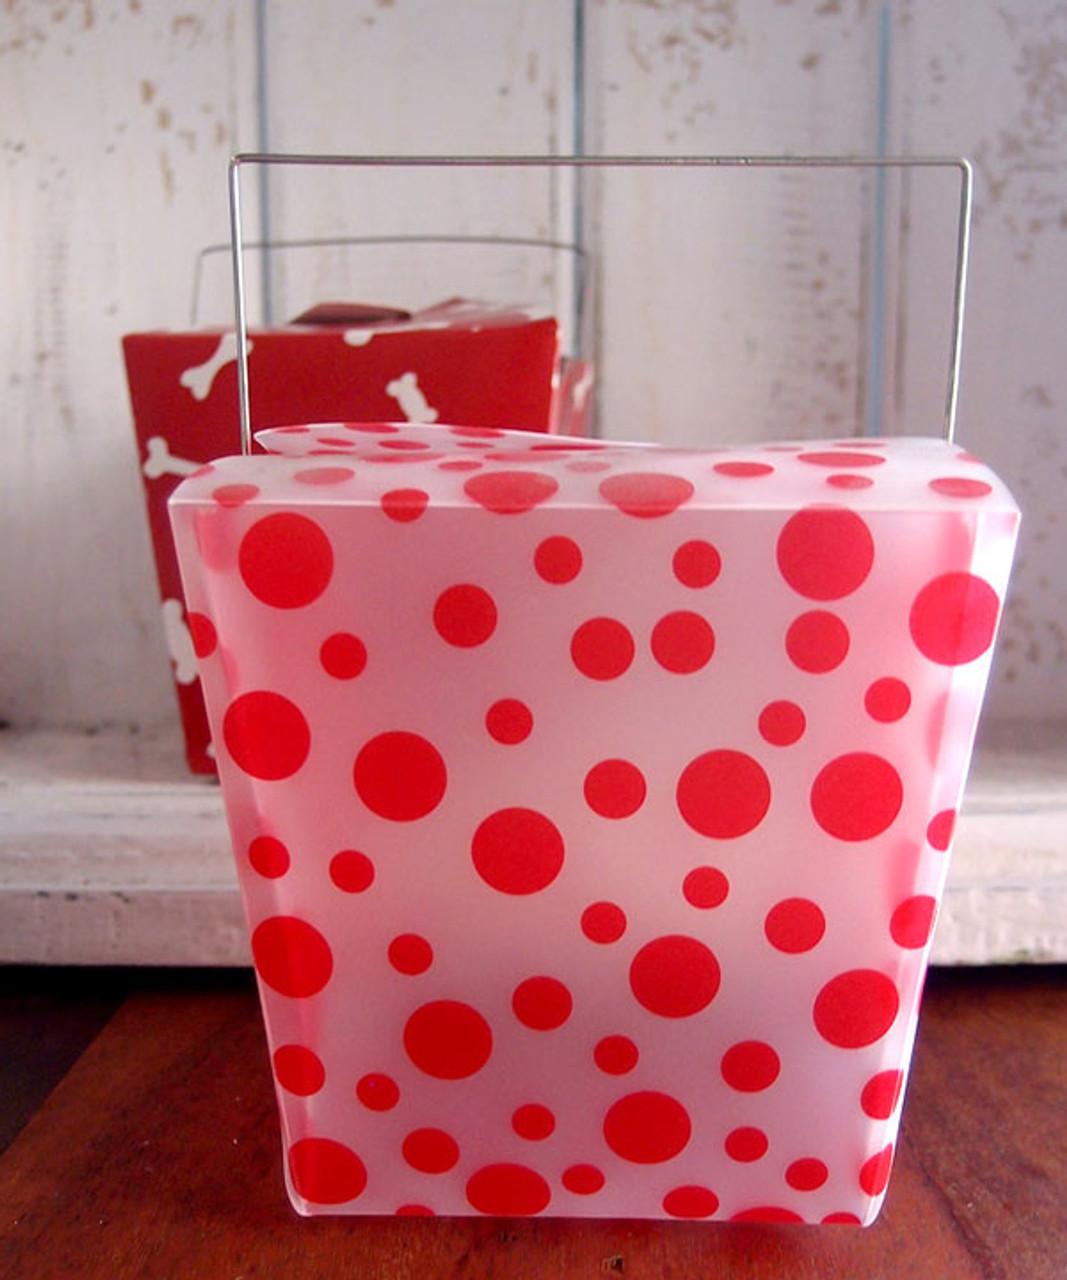 Red Polka Dot Take Out Box (2 sizes)